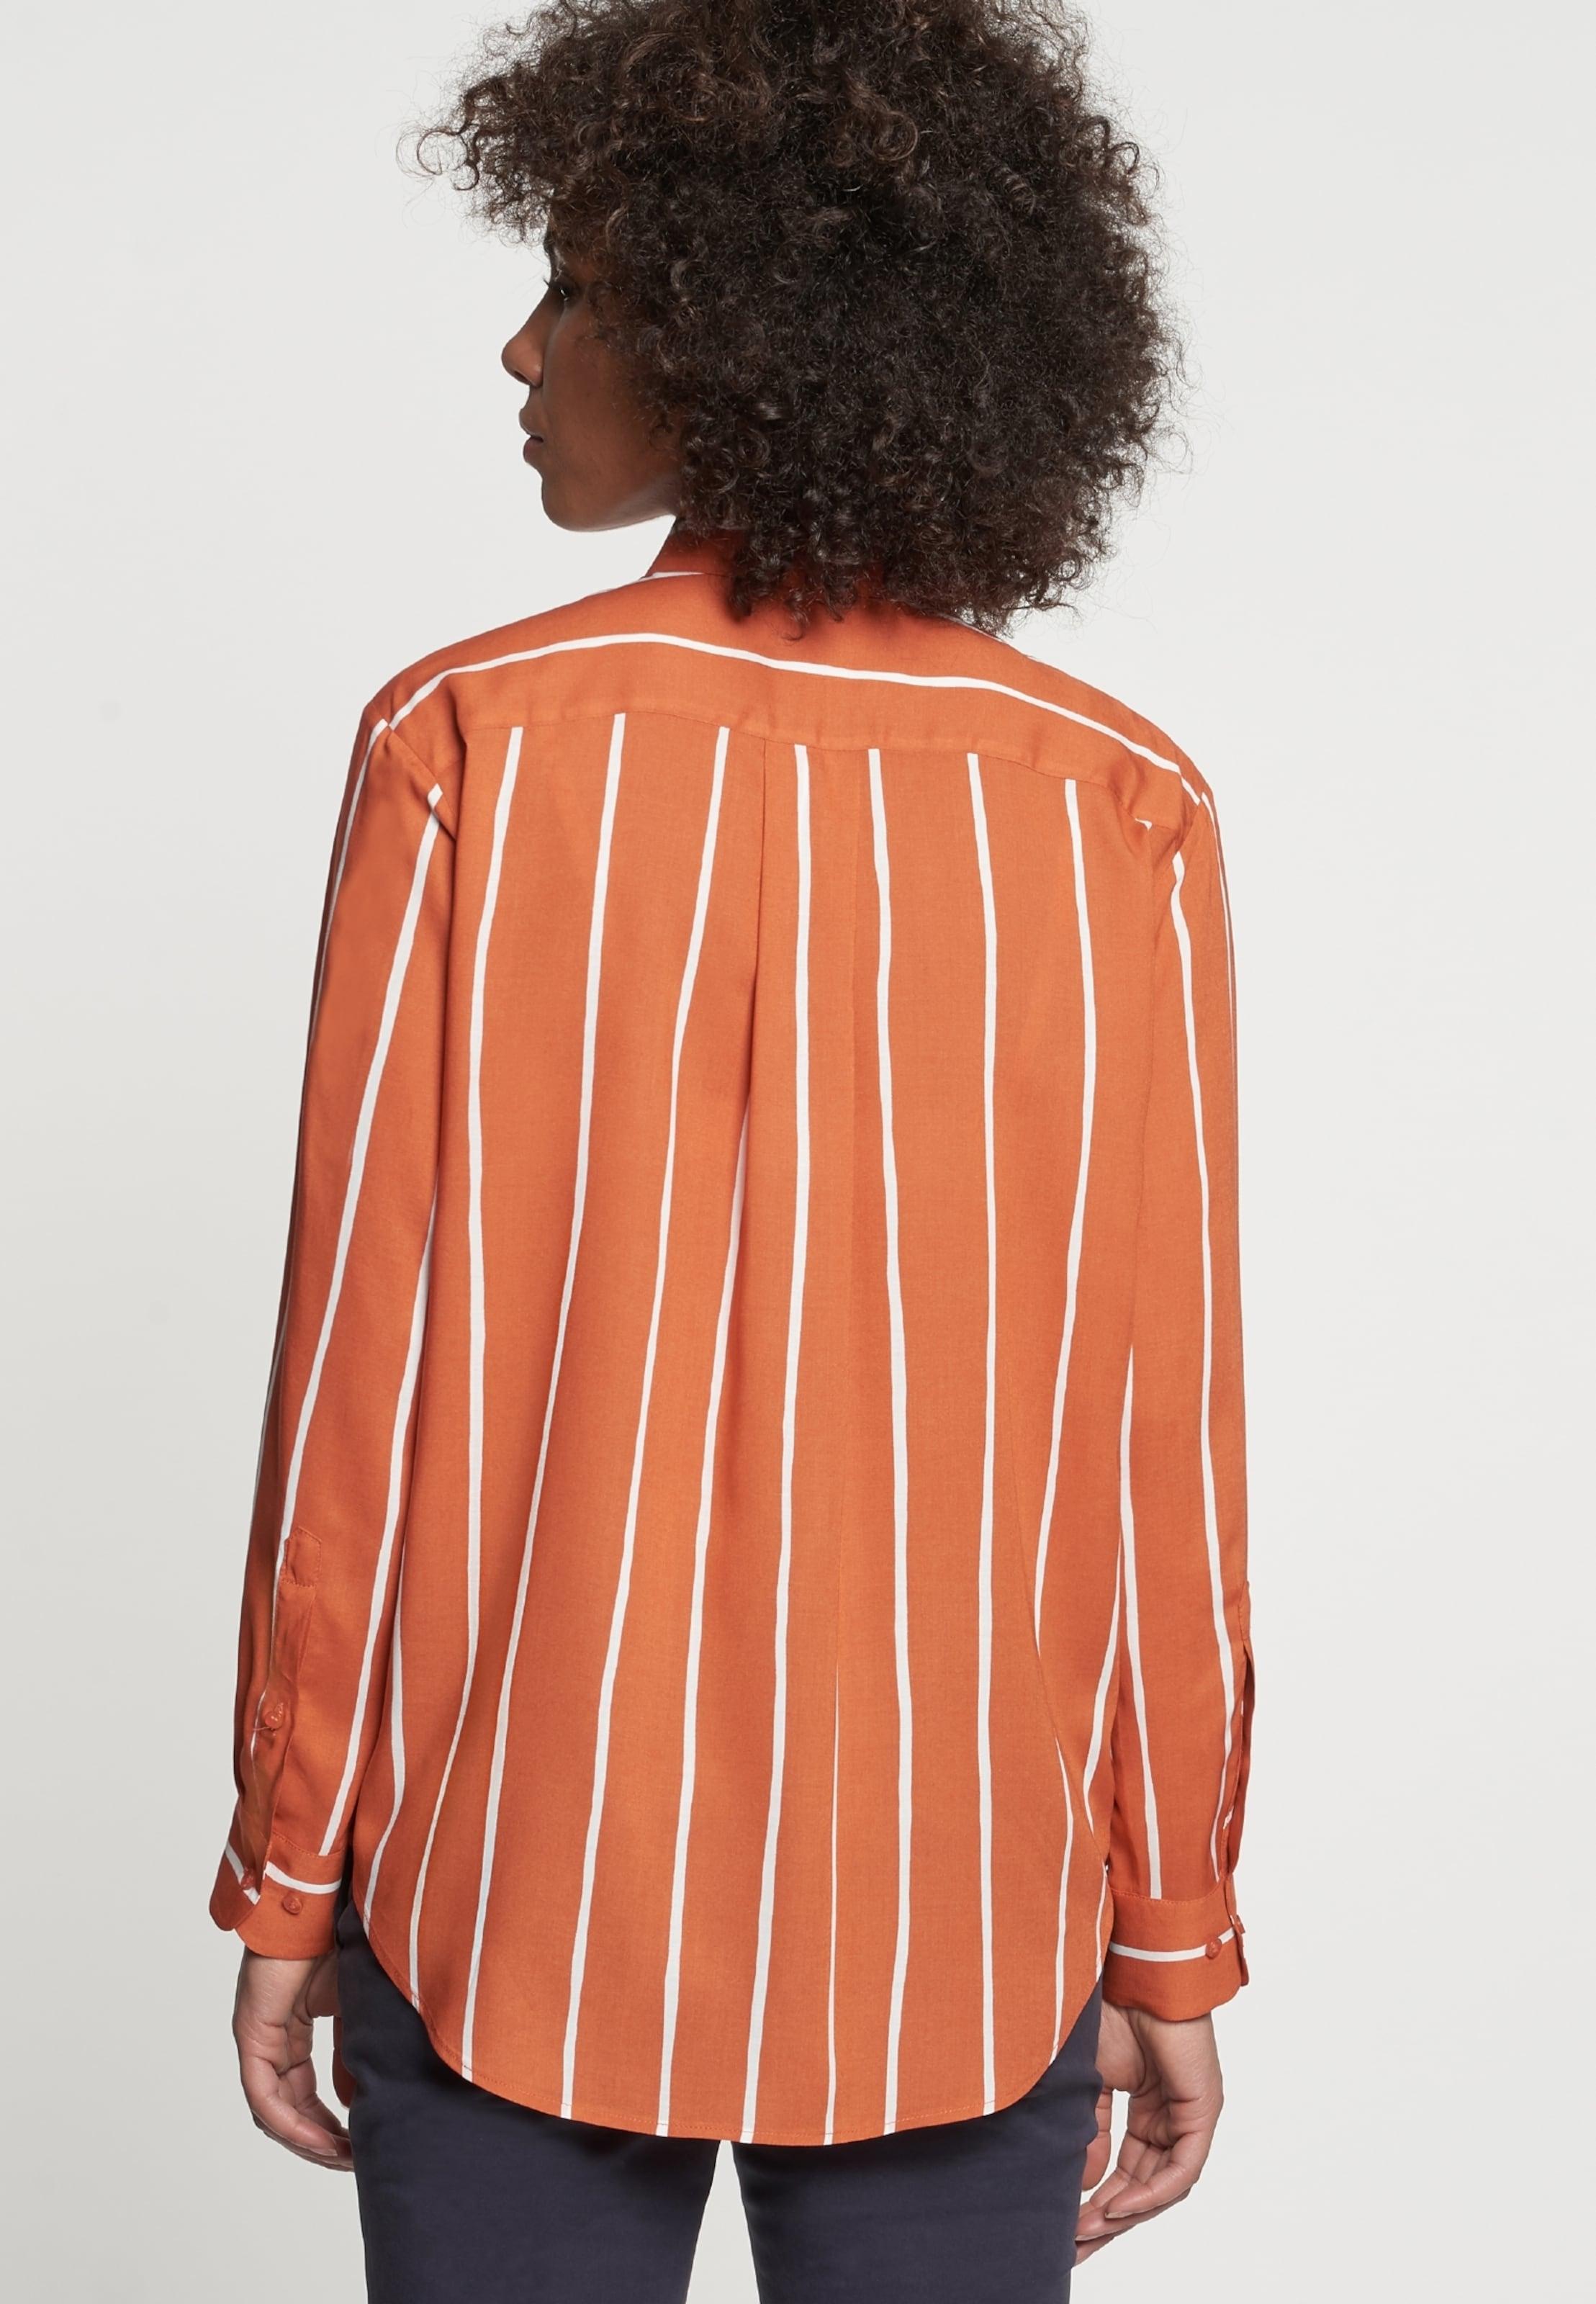 Seidensticker Bluse Rose' In Orange 'schwarze NnvP8wym0O